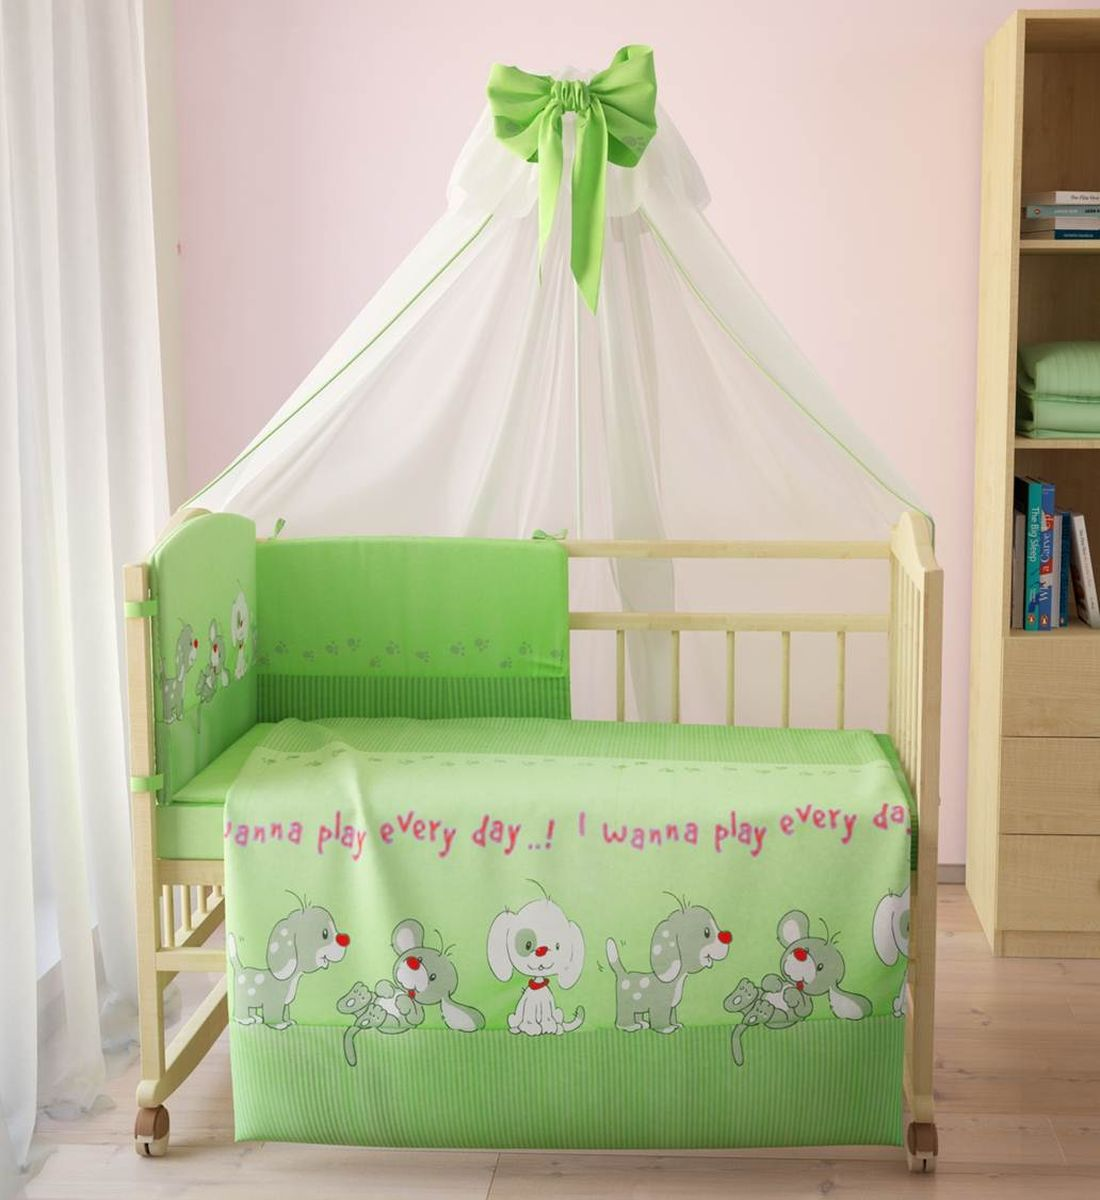 Комплект белья для новорожденных Фея Веселая игра, цвет: зеленый, 7 предметов. 1011-4 комплект белья для новорожденных фея веселая игра цвет серый 6 предметов